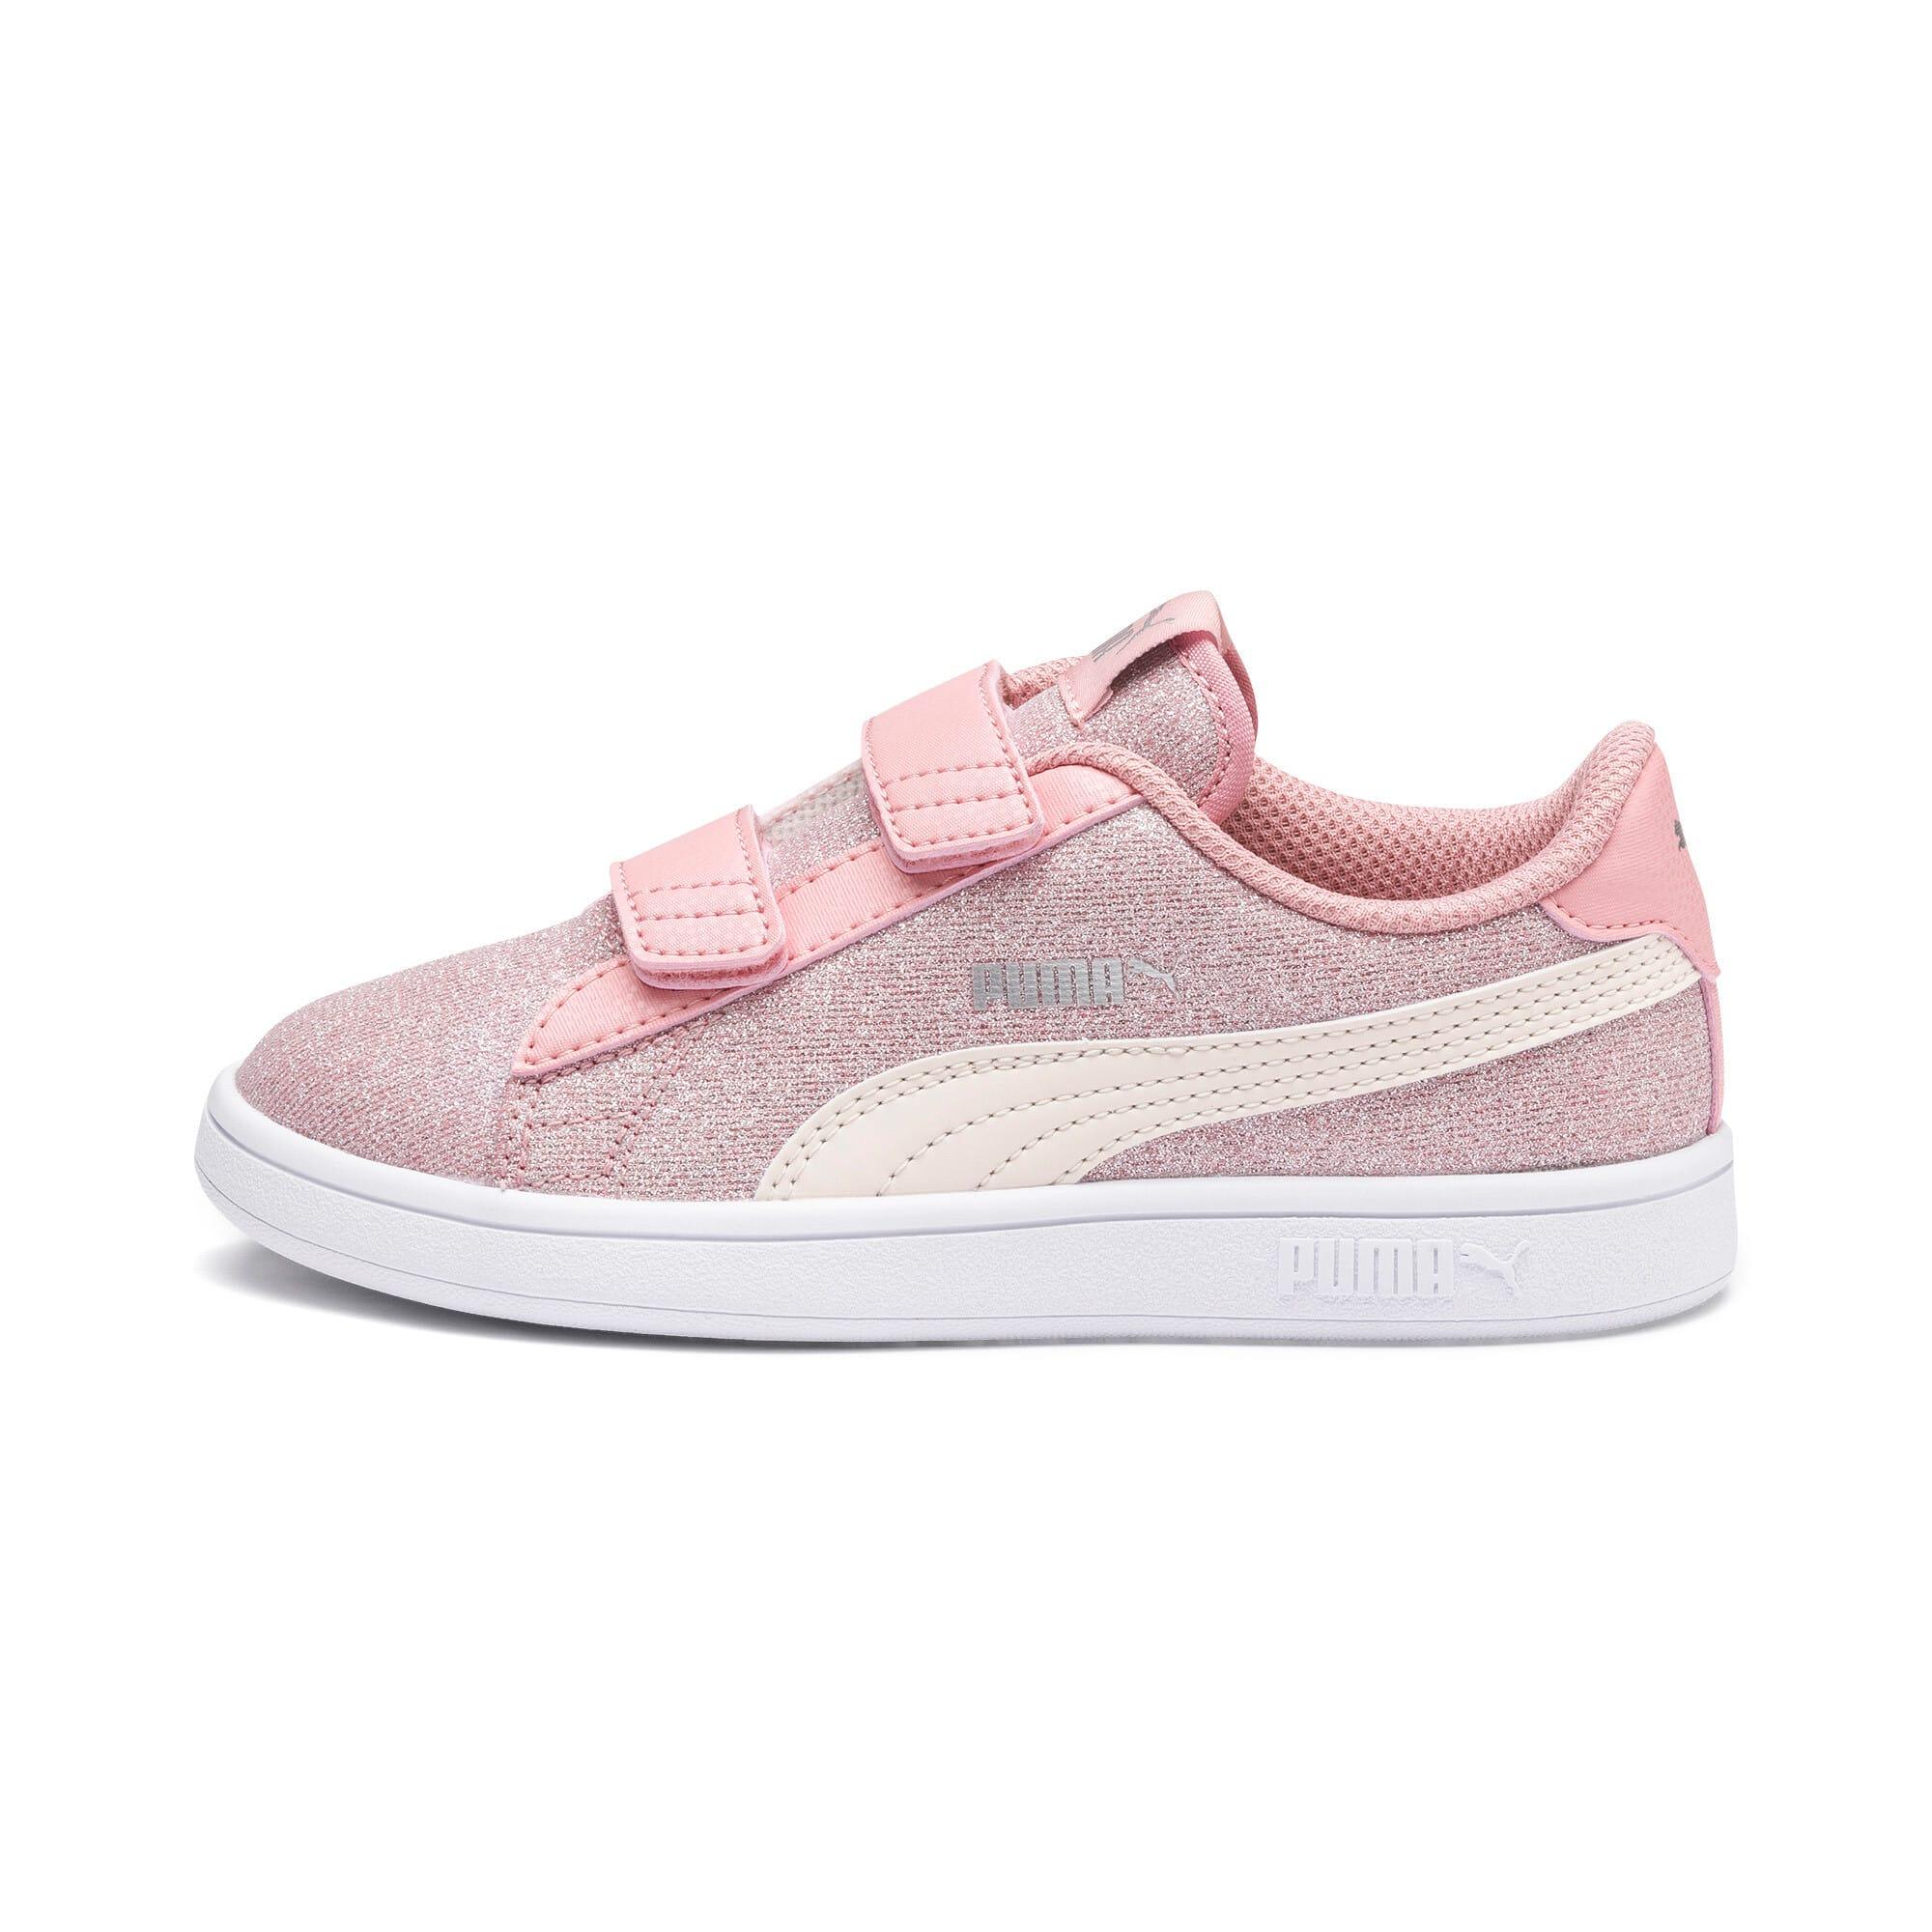 Thumbnail 1 of PUMA Smash v2 Glitz Glam Kids Mädchen Sneaker, B Rose-P Parchment-Silv-Wht, medium